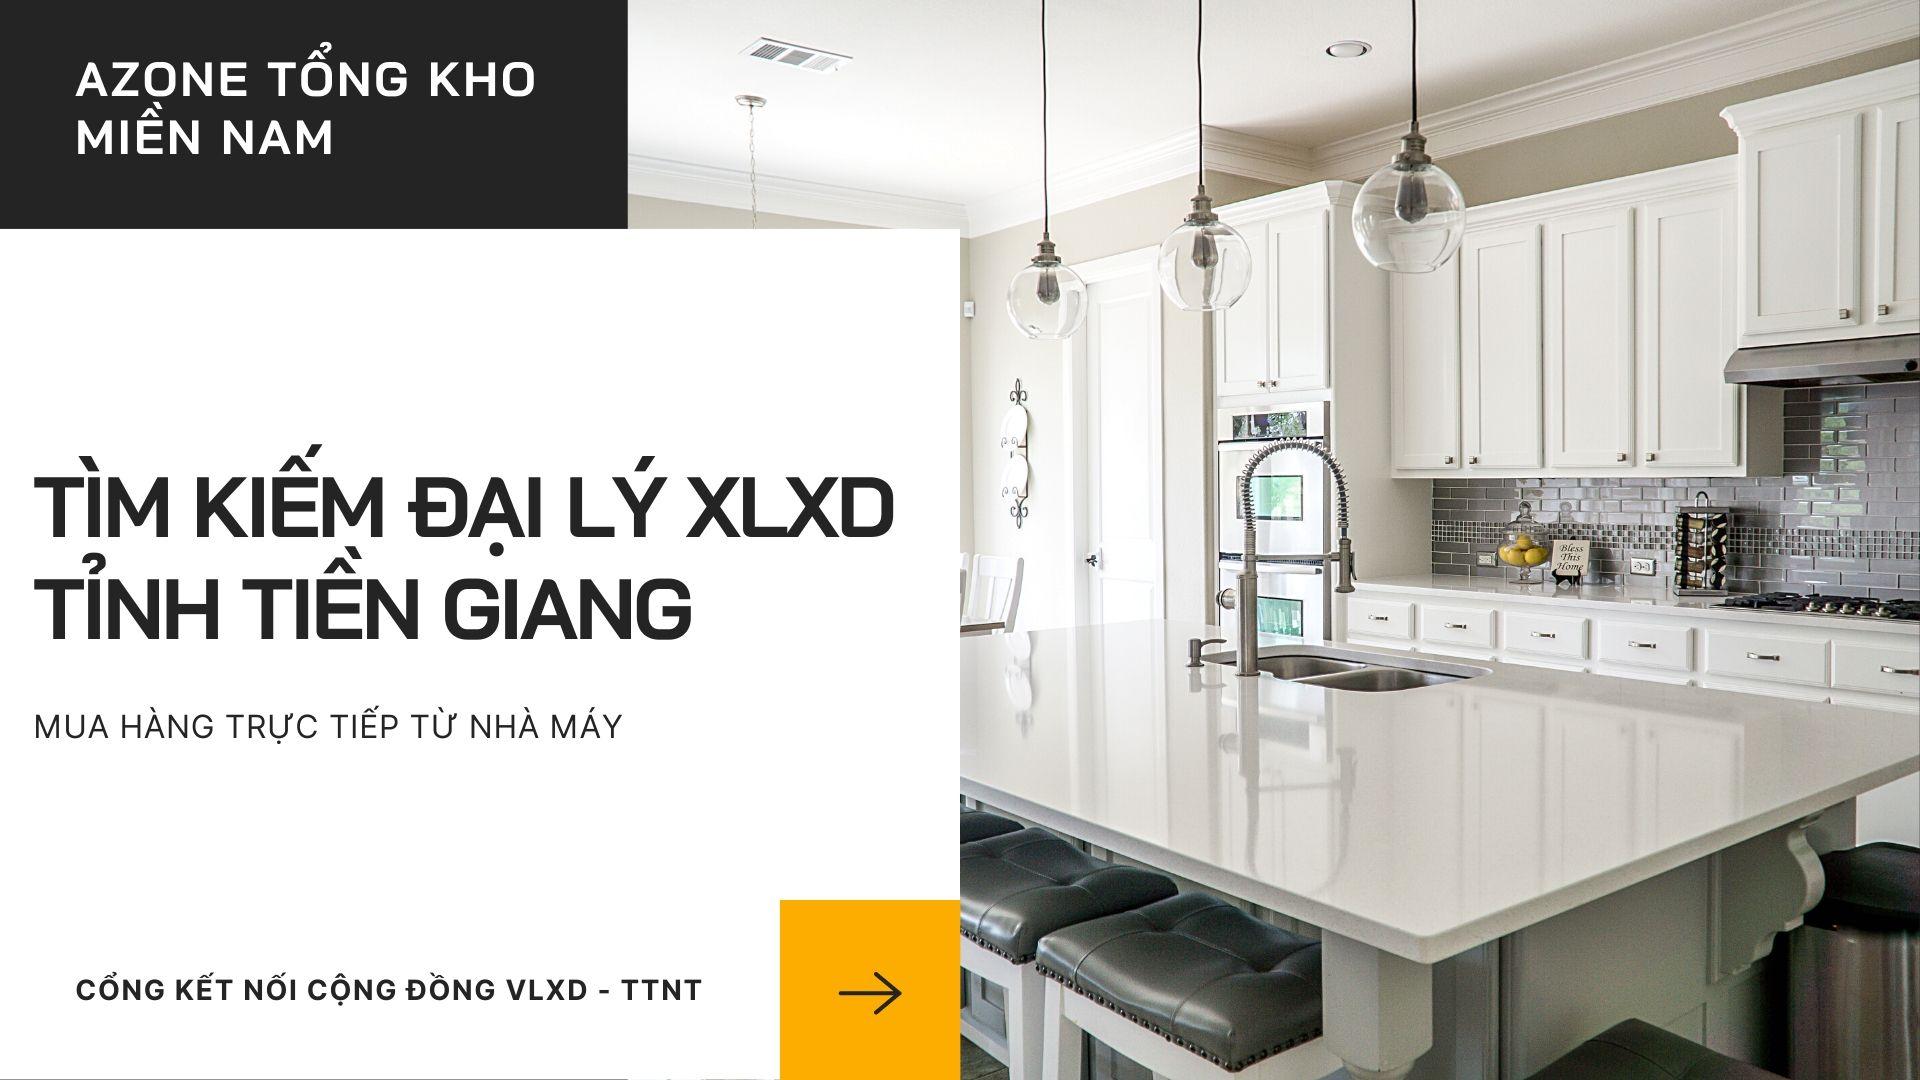 Tìm kiếm đại lý vlxd tỉnh Tiền Giang